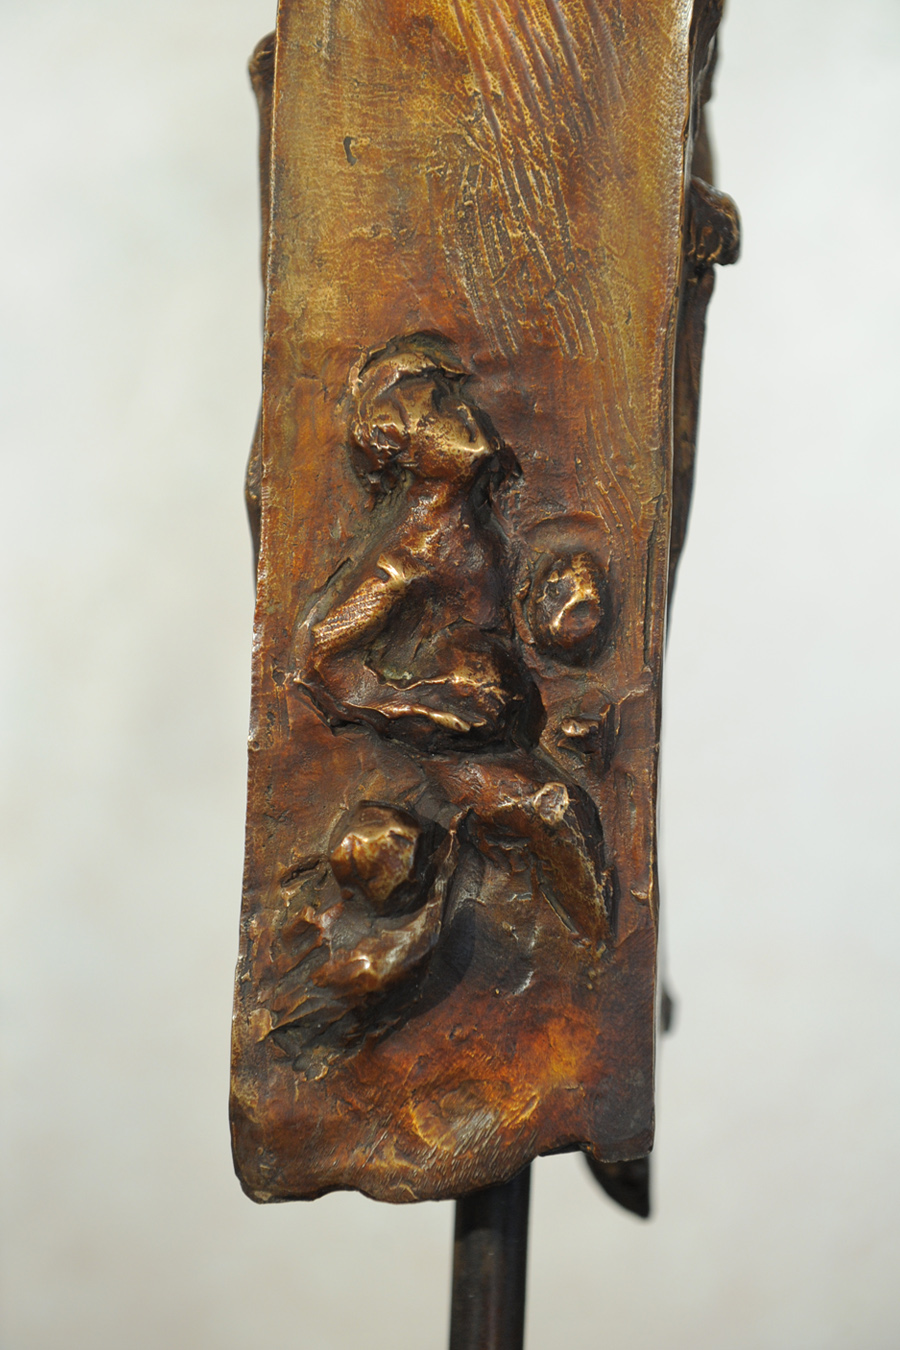 Nov arte italia srl bronze sculptures for sale vatican